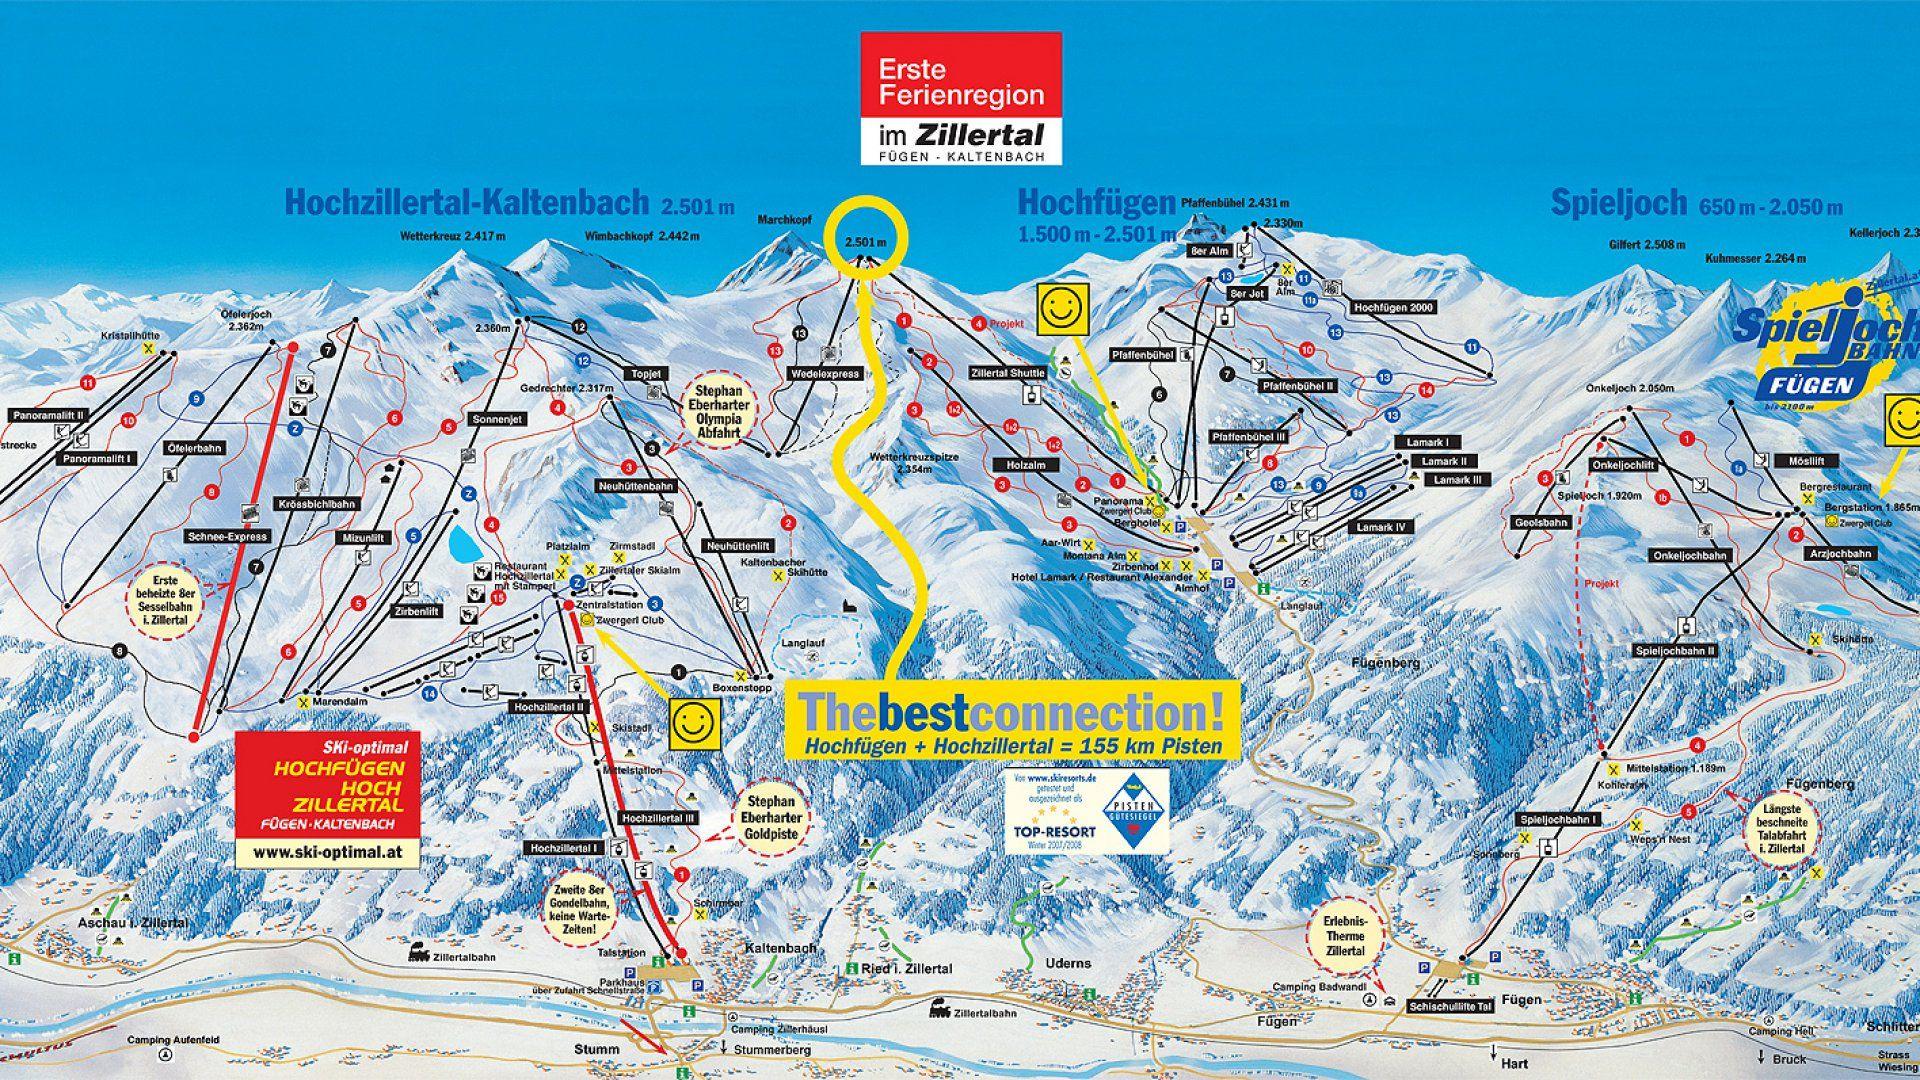 Wintersportkarte Hochfugen Und Hochzillertal Wintersport Skien Ski